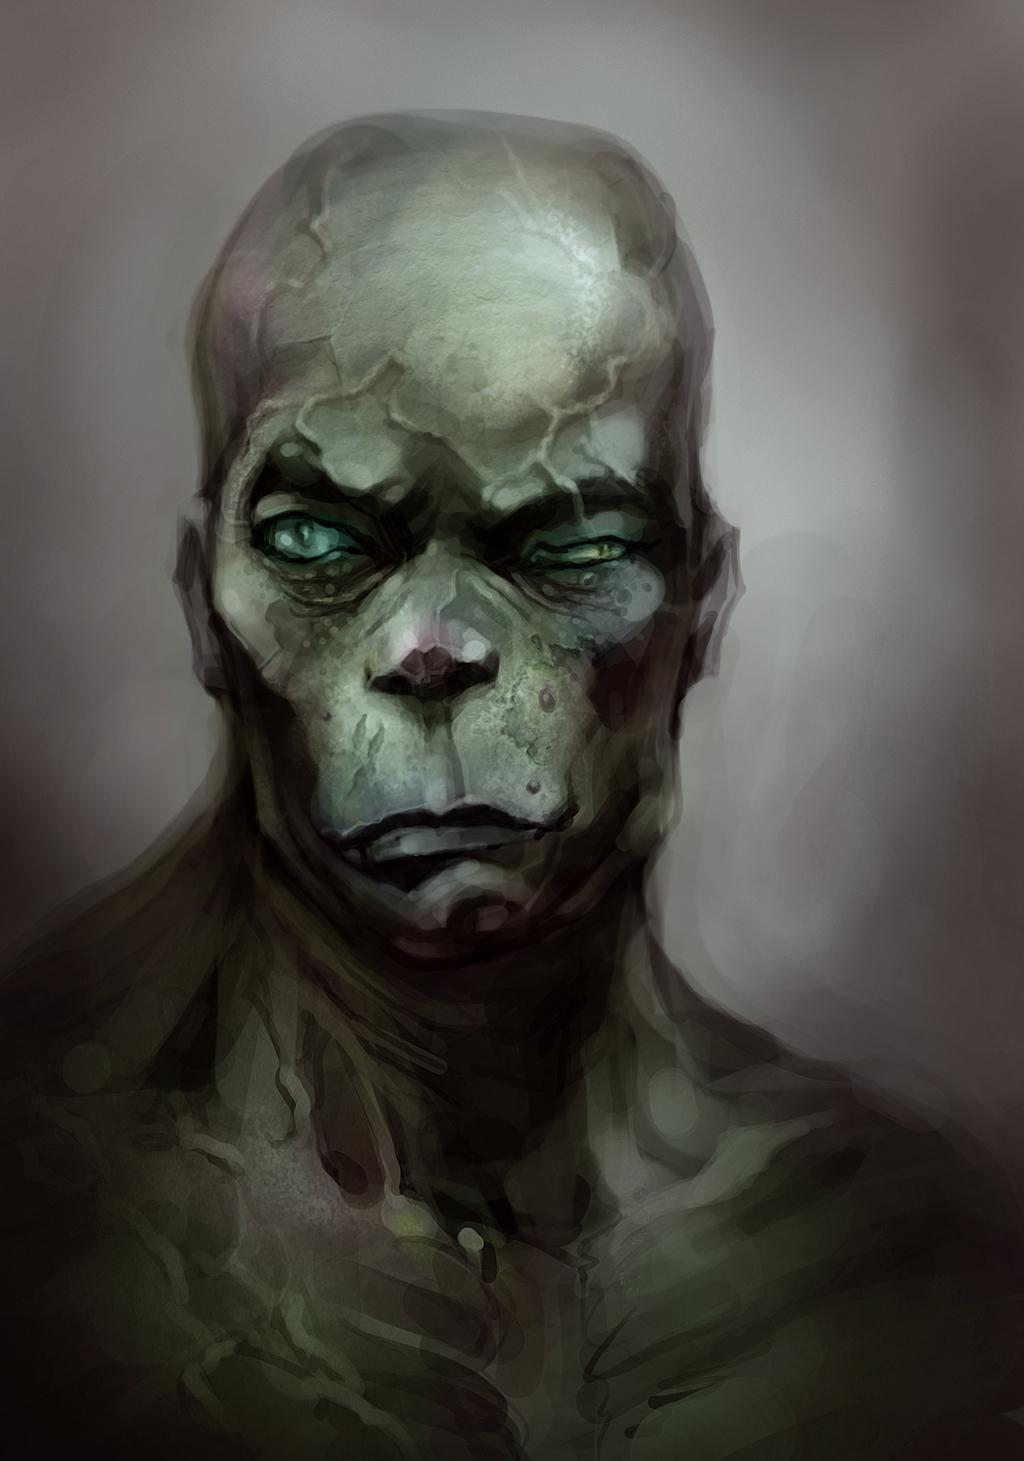 Hdh hesitated zombie 1 892d7837 6wuw